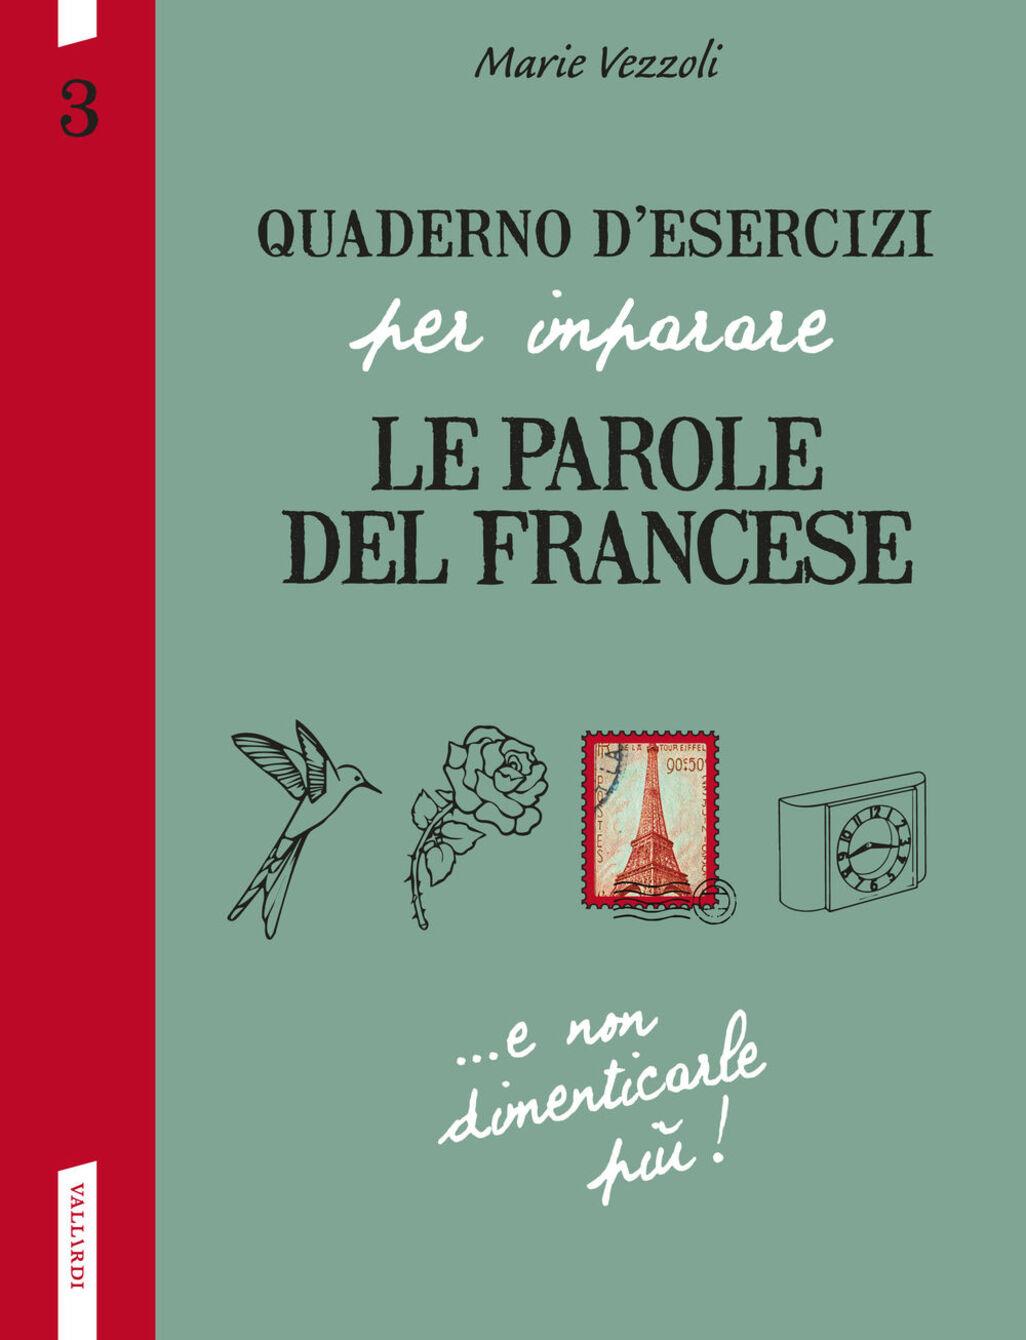 Quaderno d'esercizi per imparare le parole del francese. Vol. 3